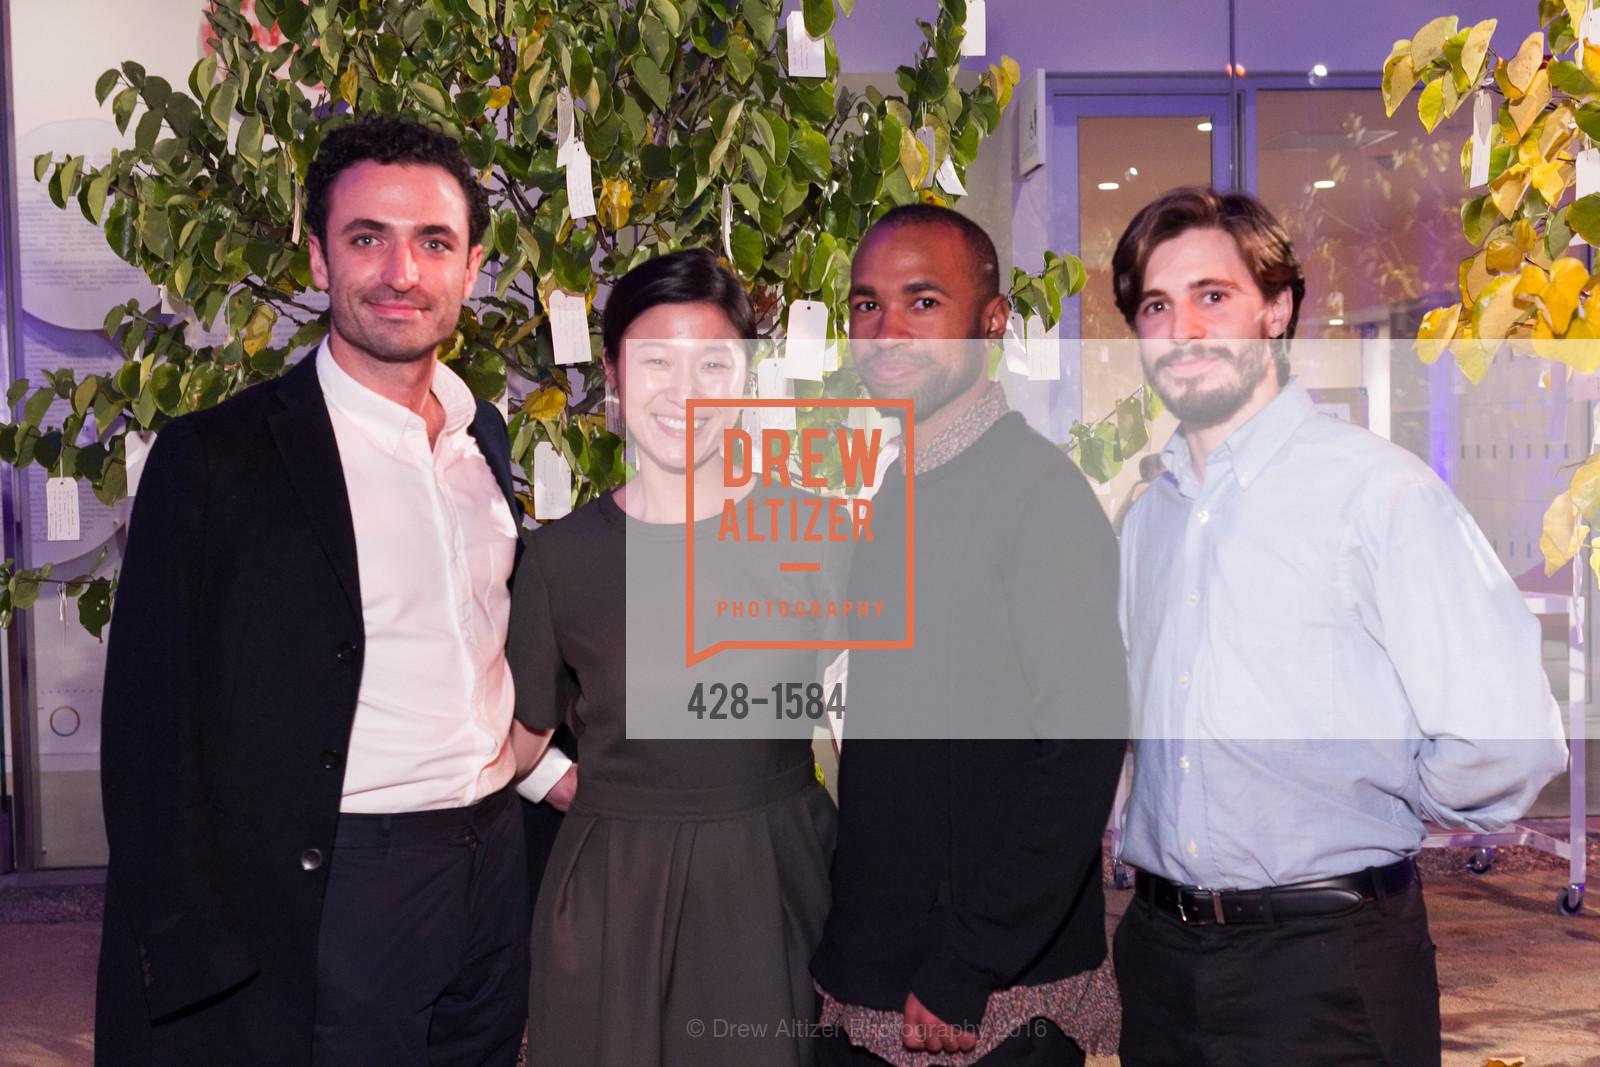 Alvaro Gomez, Seung Kang, Bryson Armstrong, Singer Clark, Photo #428-1584